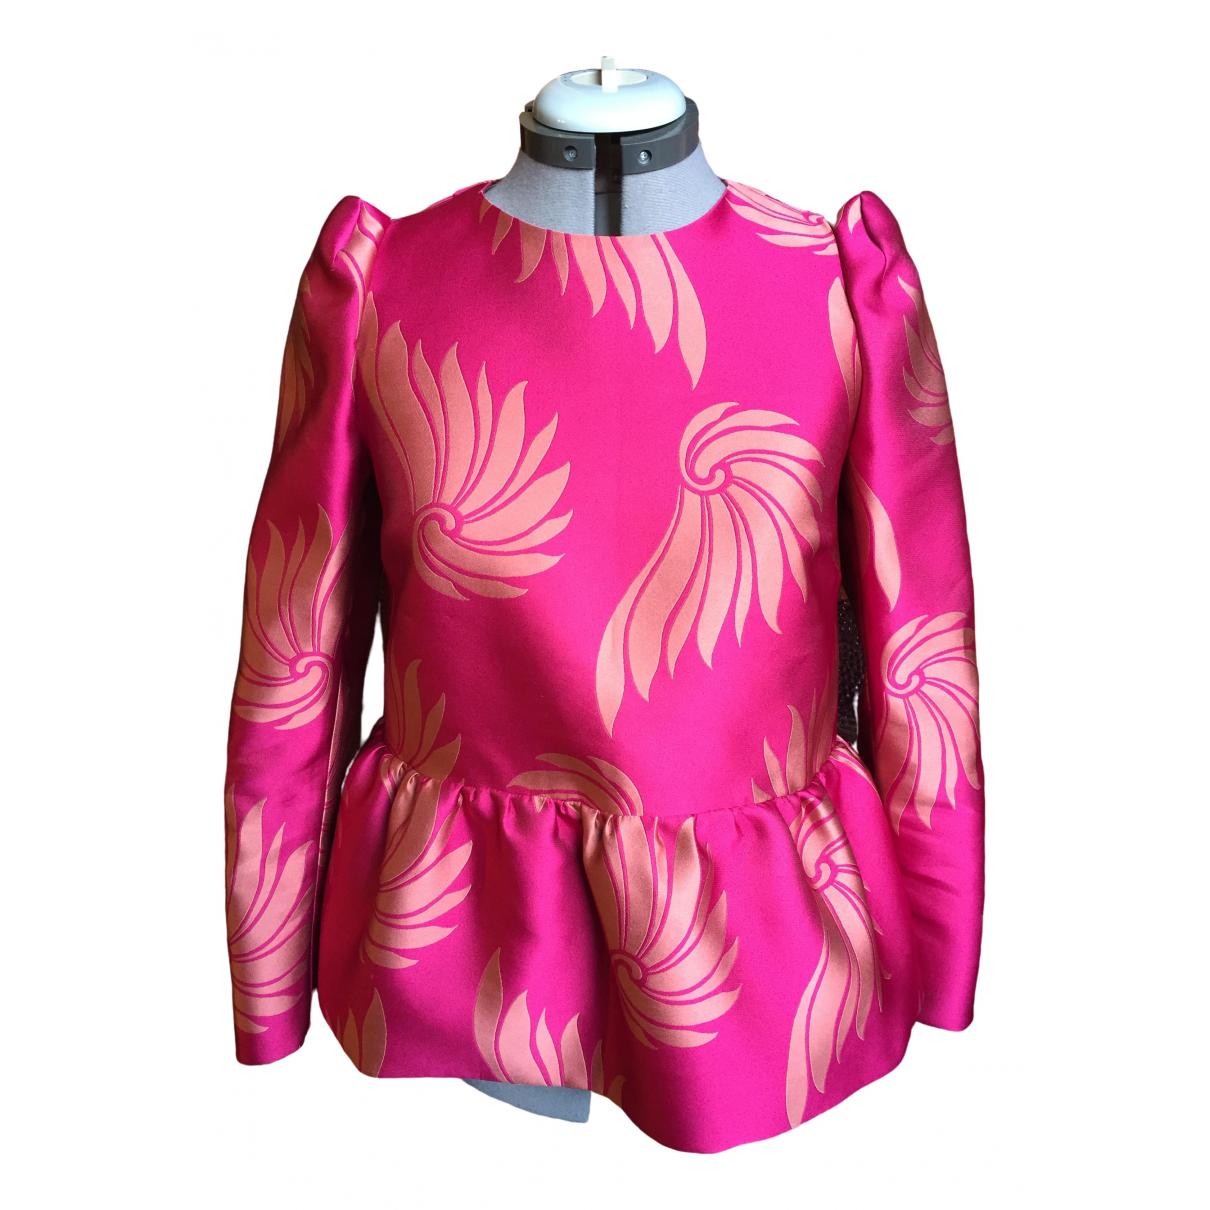 Dries Van Noten - Top   pour femme - rose